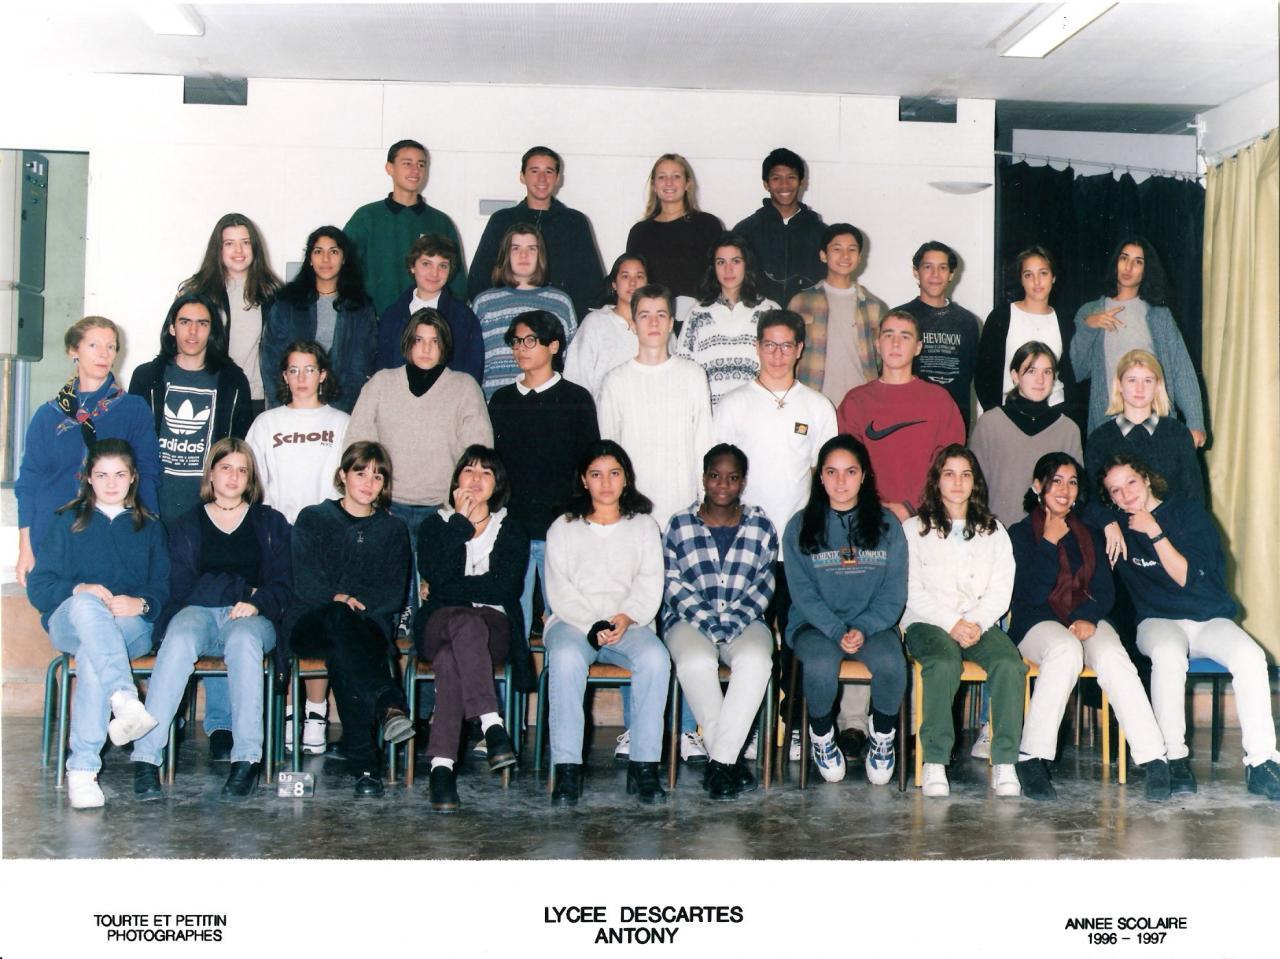 1997 - 2.5 - TOURTE